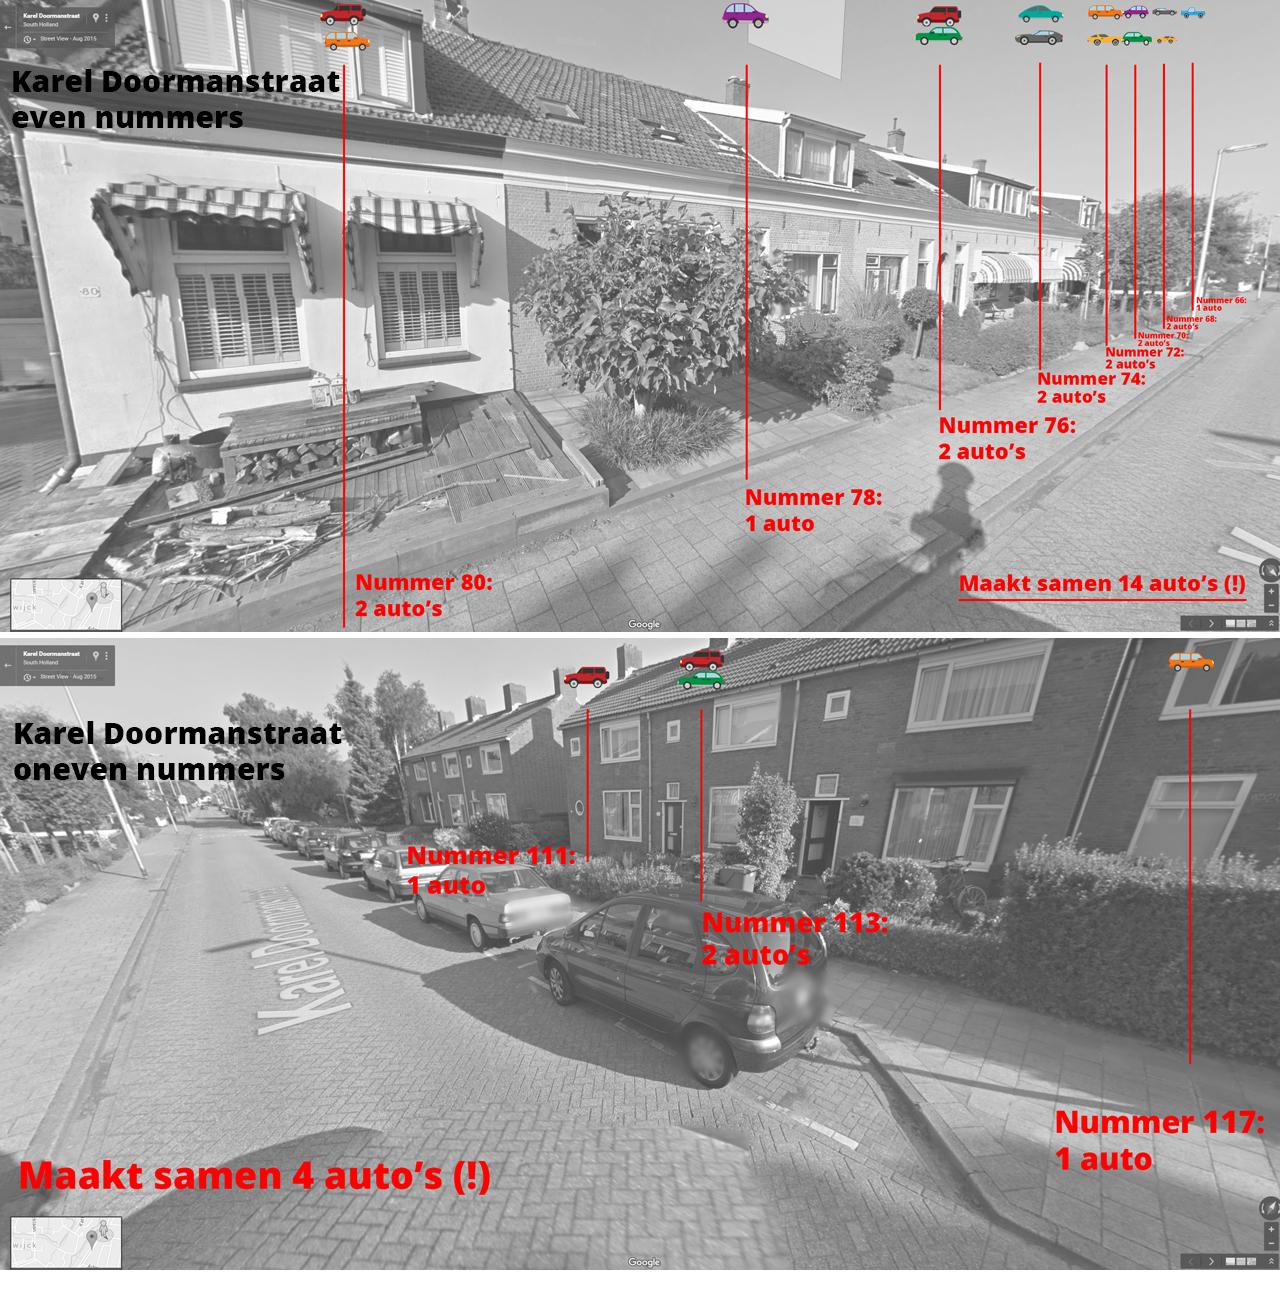 Karel_Doormanstraat_nummers